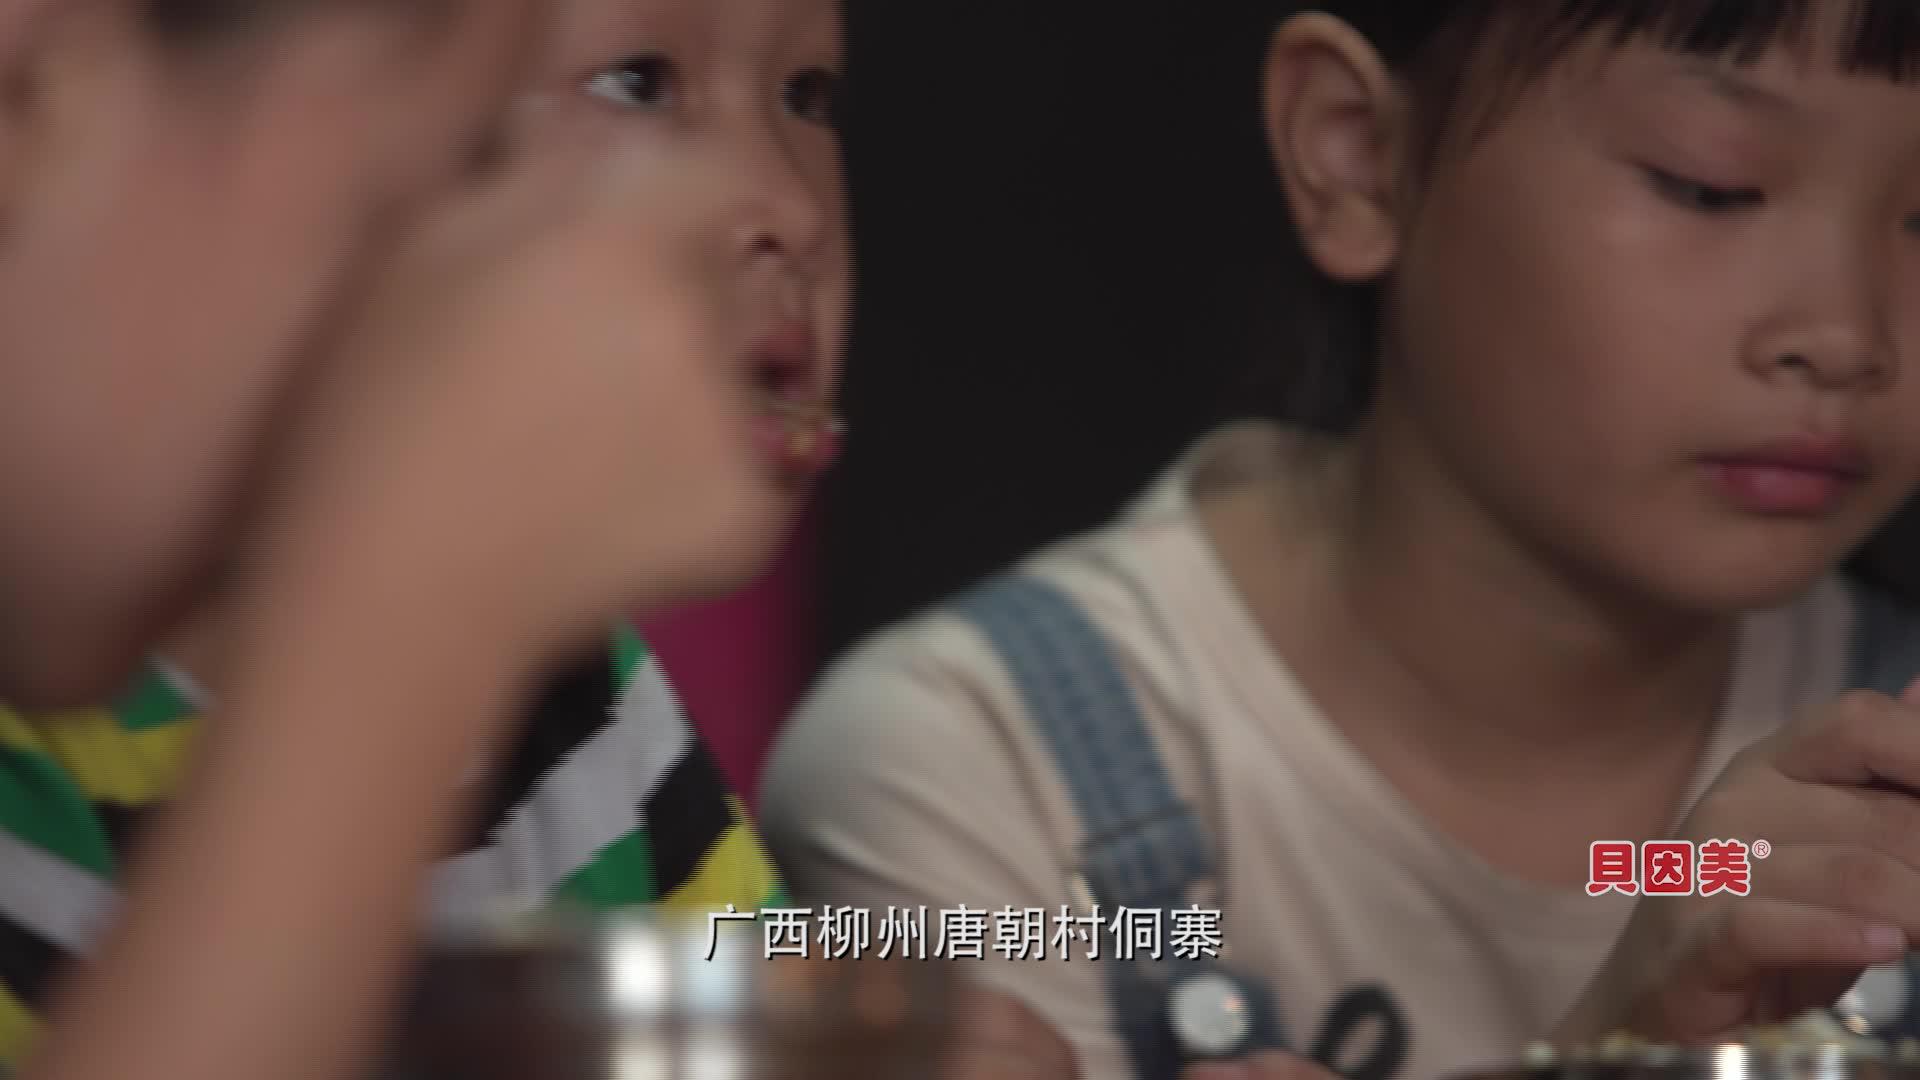 行动者系列视频《梯田之上》